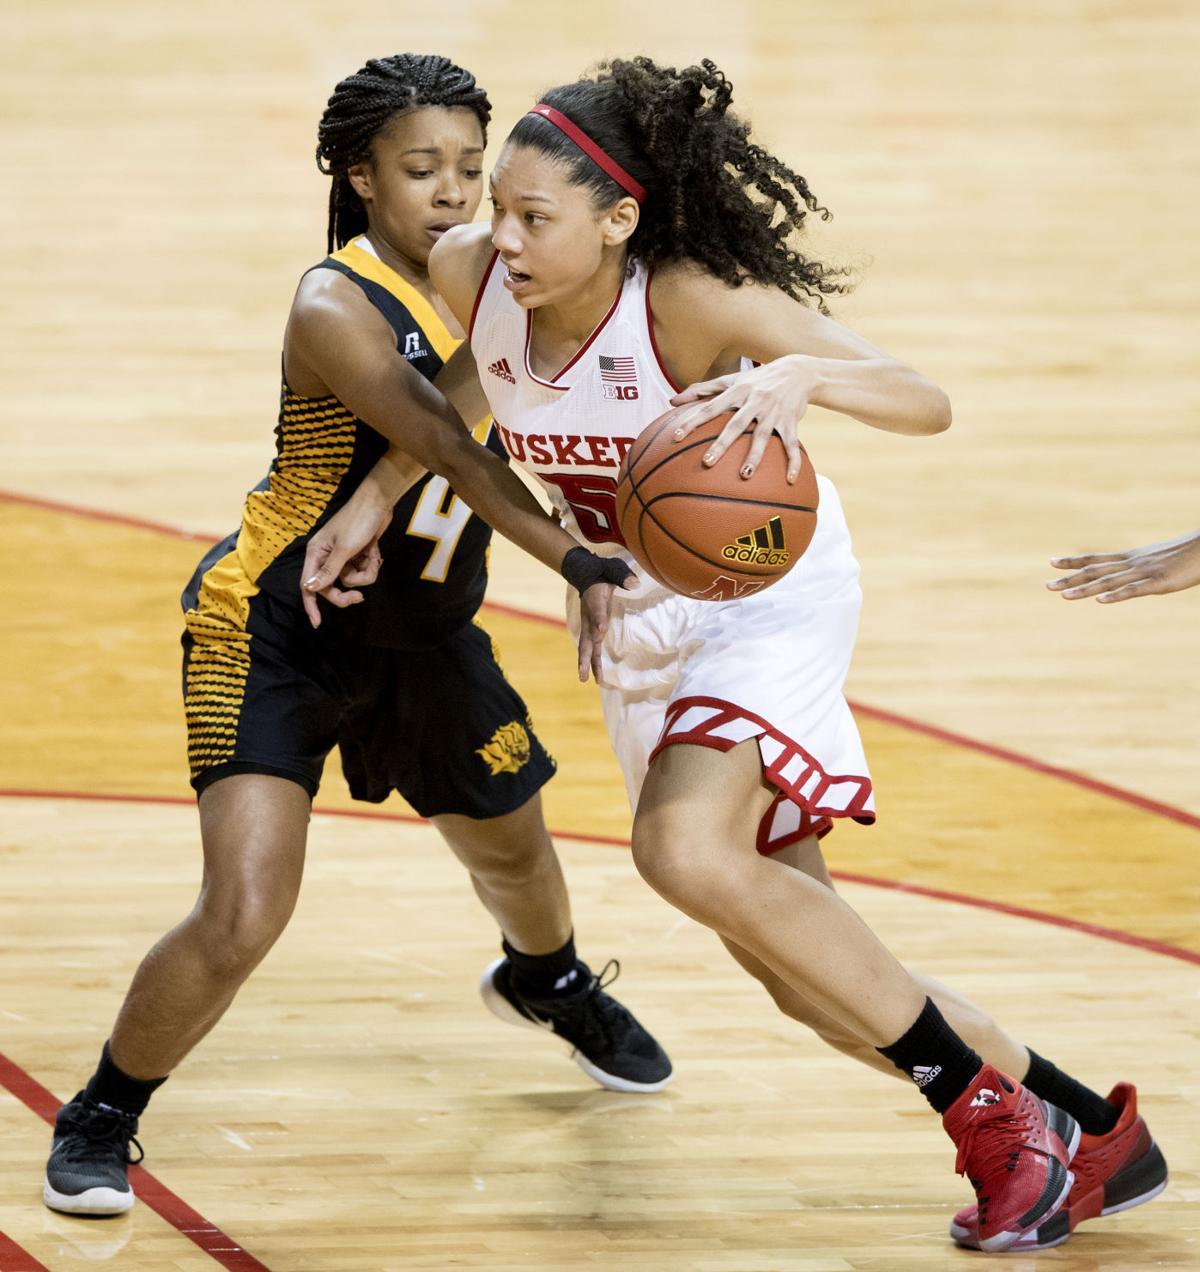 Arkansas-Pine Bluff vs. Nebraska women's hoops, 12/2/17